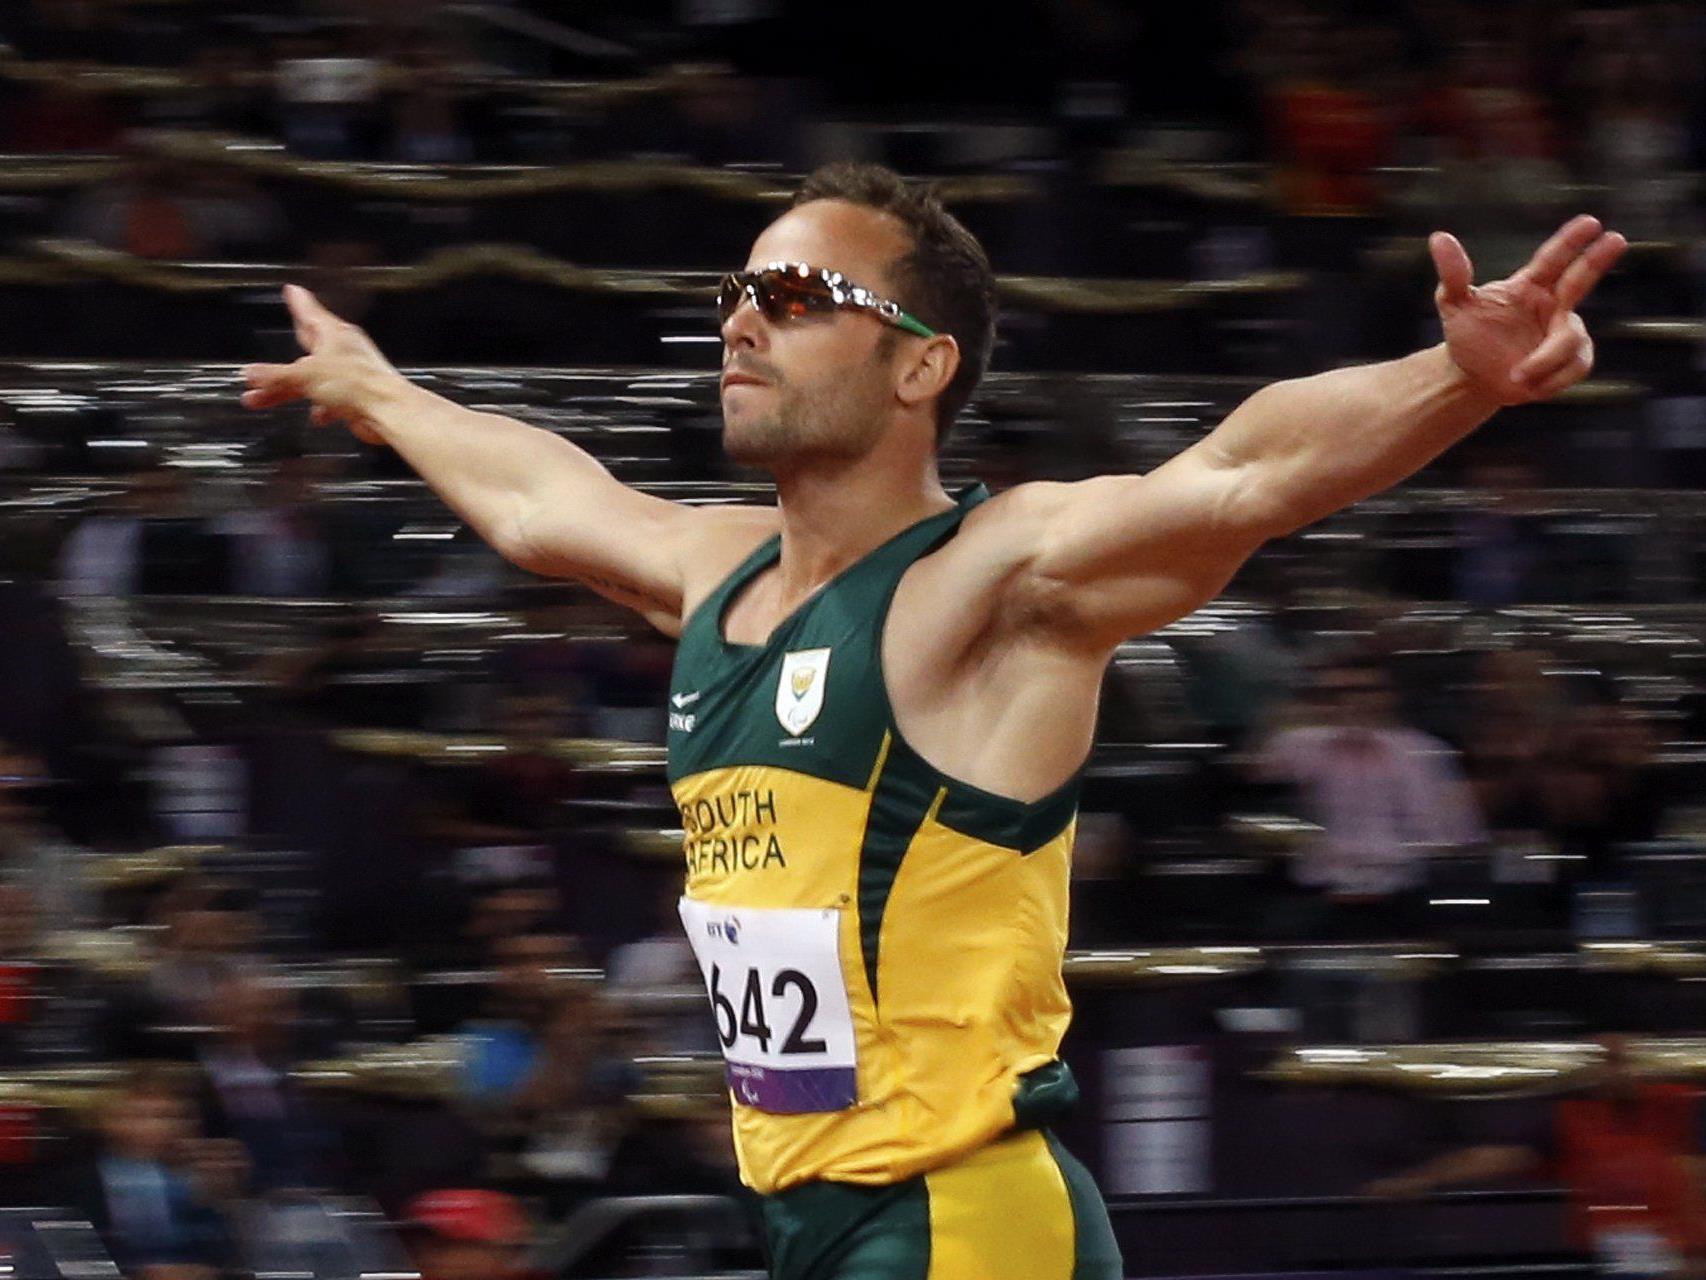 Oscar Pistorius musste sich wegen der Tötung an seiner Freundin verantworten.